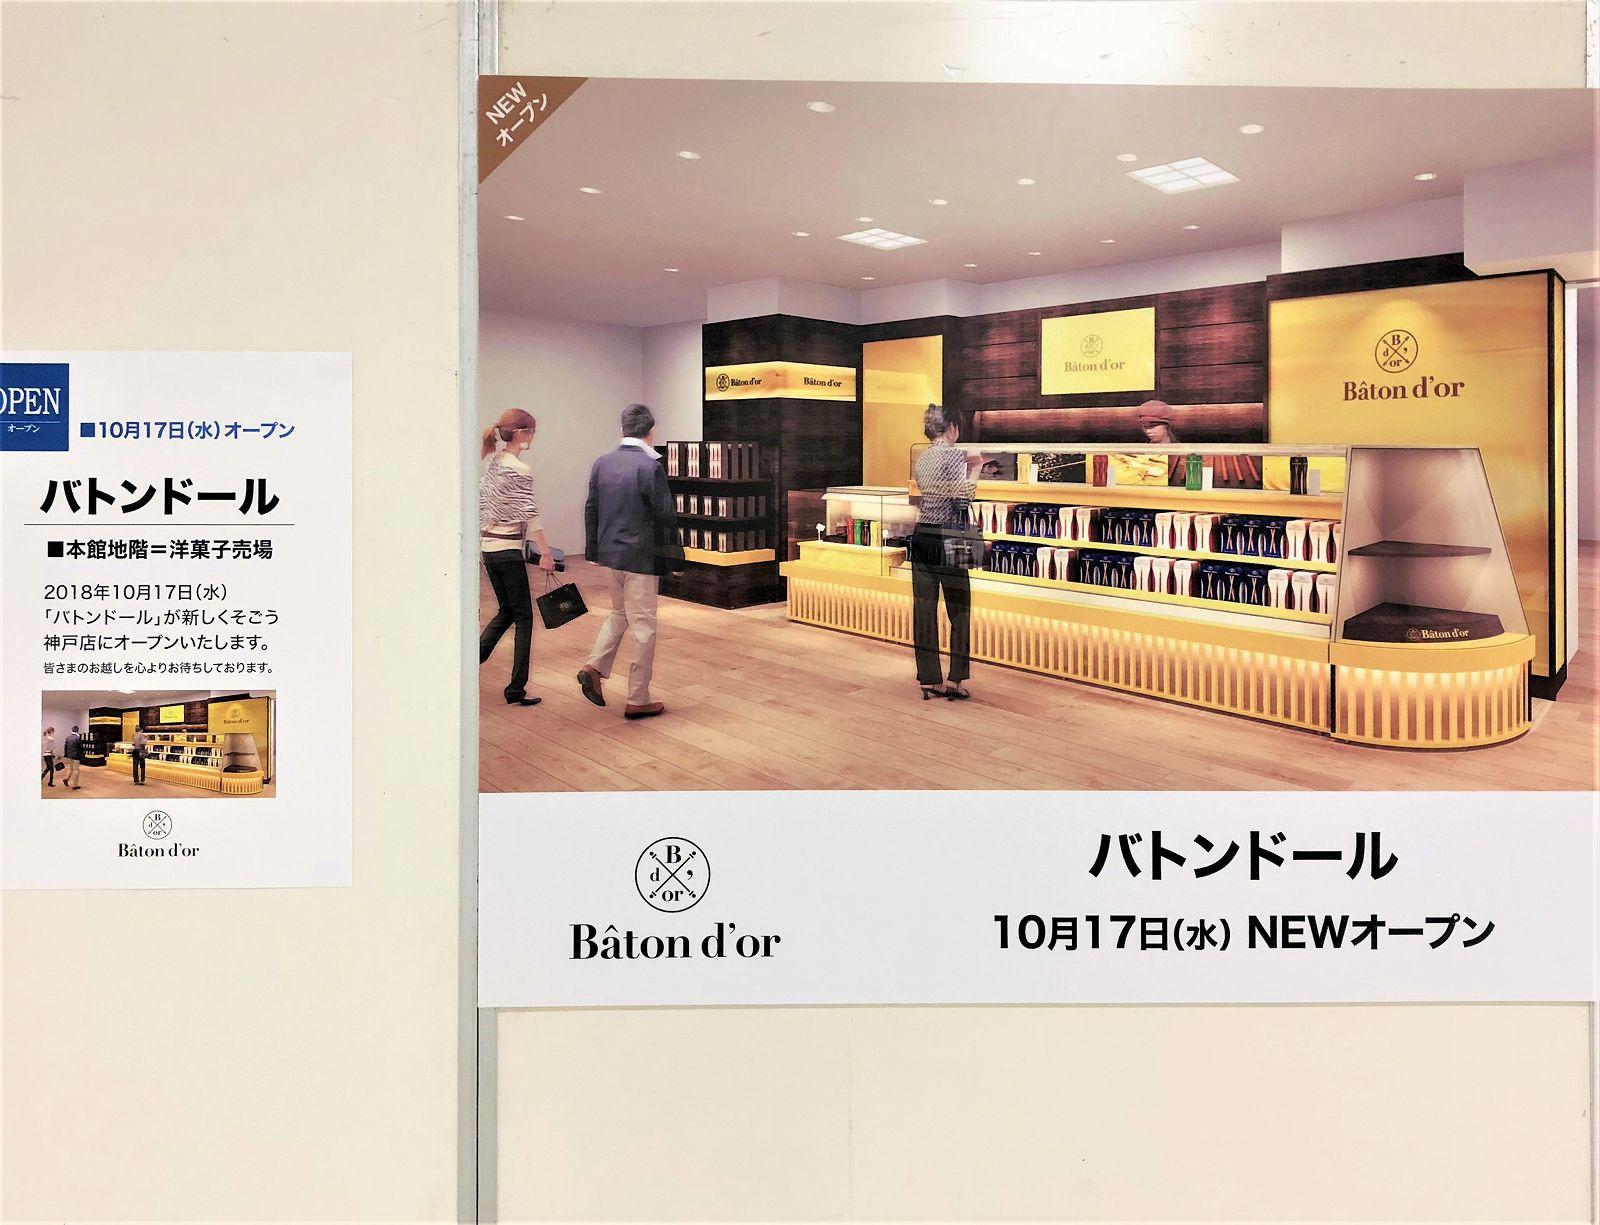 【※追加更新!】大人気の「バトンドール」のお店が10月17日(水)、そごう神戸店地下フロアにオープン!出店場所を見てきた! #バトンドール #江崎グリコ #そごう神戸店 #神戸スイーツ #新規オープン